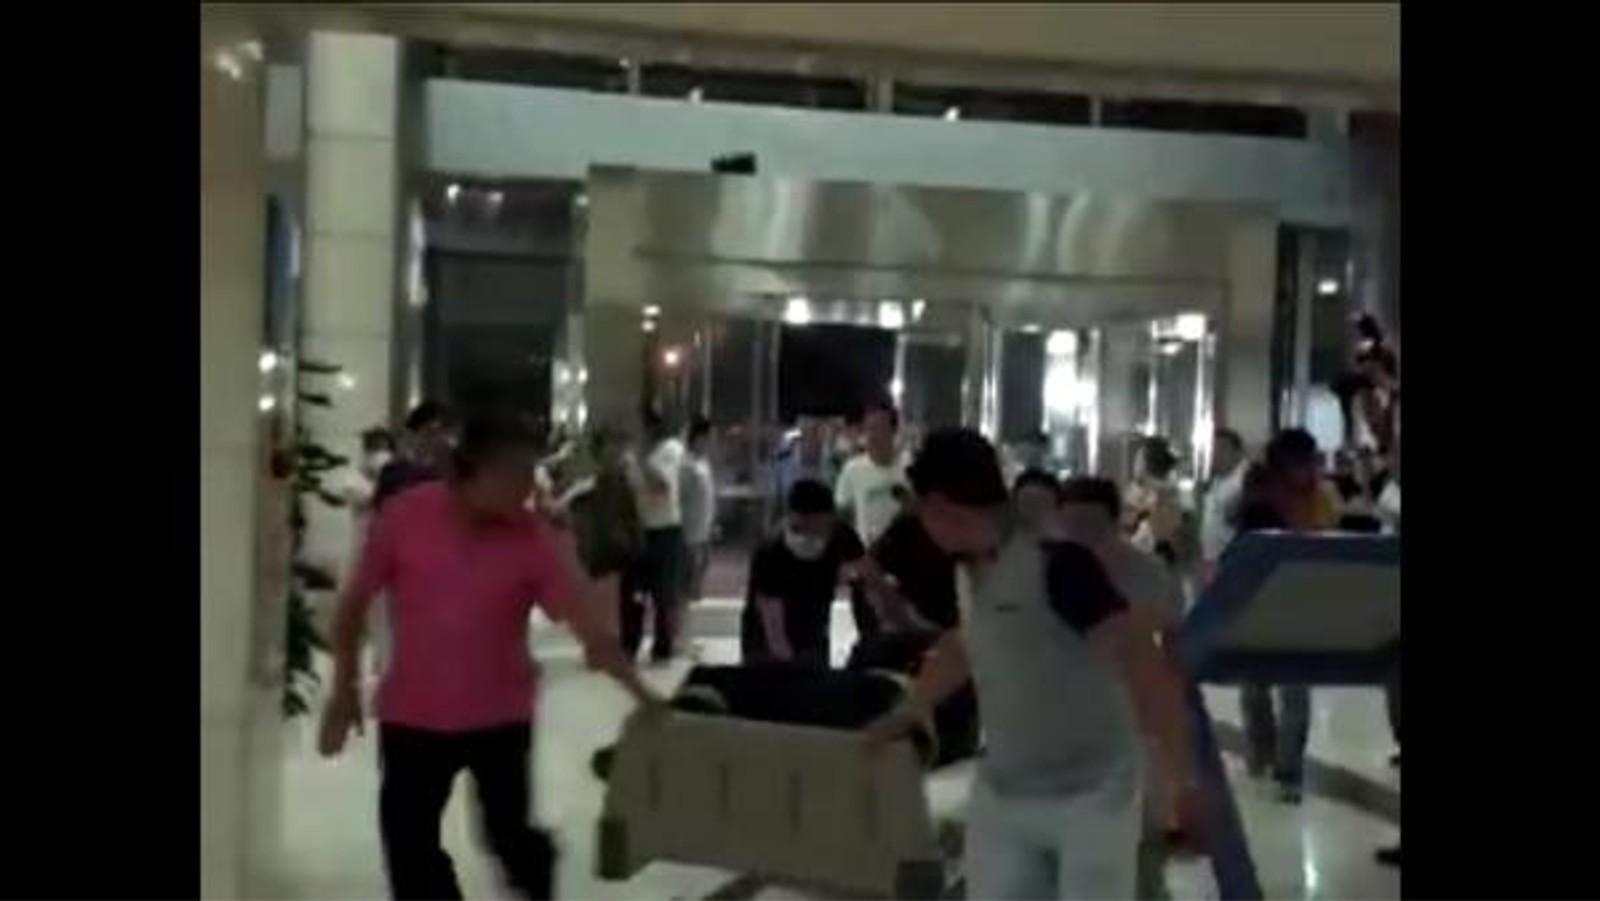 FULLE SYKEHUS: Stillbilde fra video av skadde som fraktes inn på Tianjin sykehus. Fra CCTV.